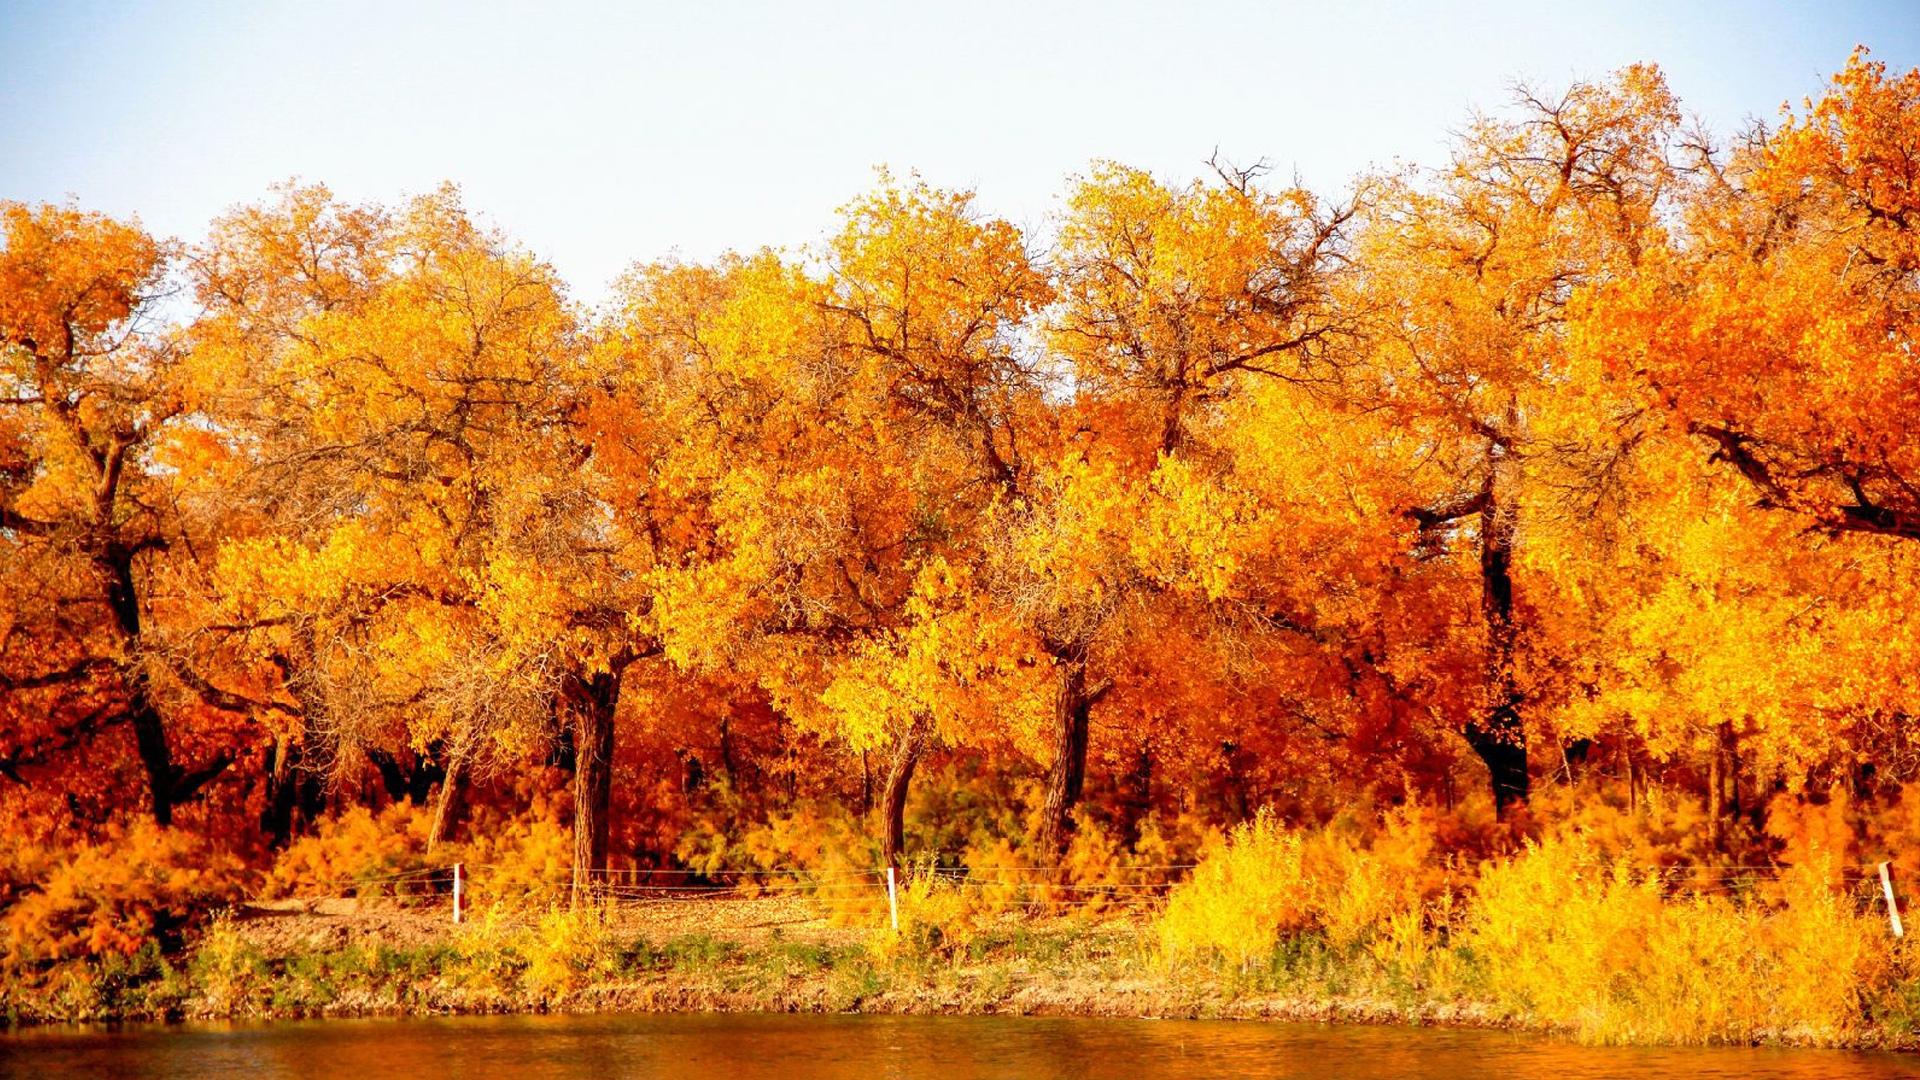 额济纳旗的胡杨黄得最亮丽,高清壁纸,风景电脑高清壁纸